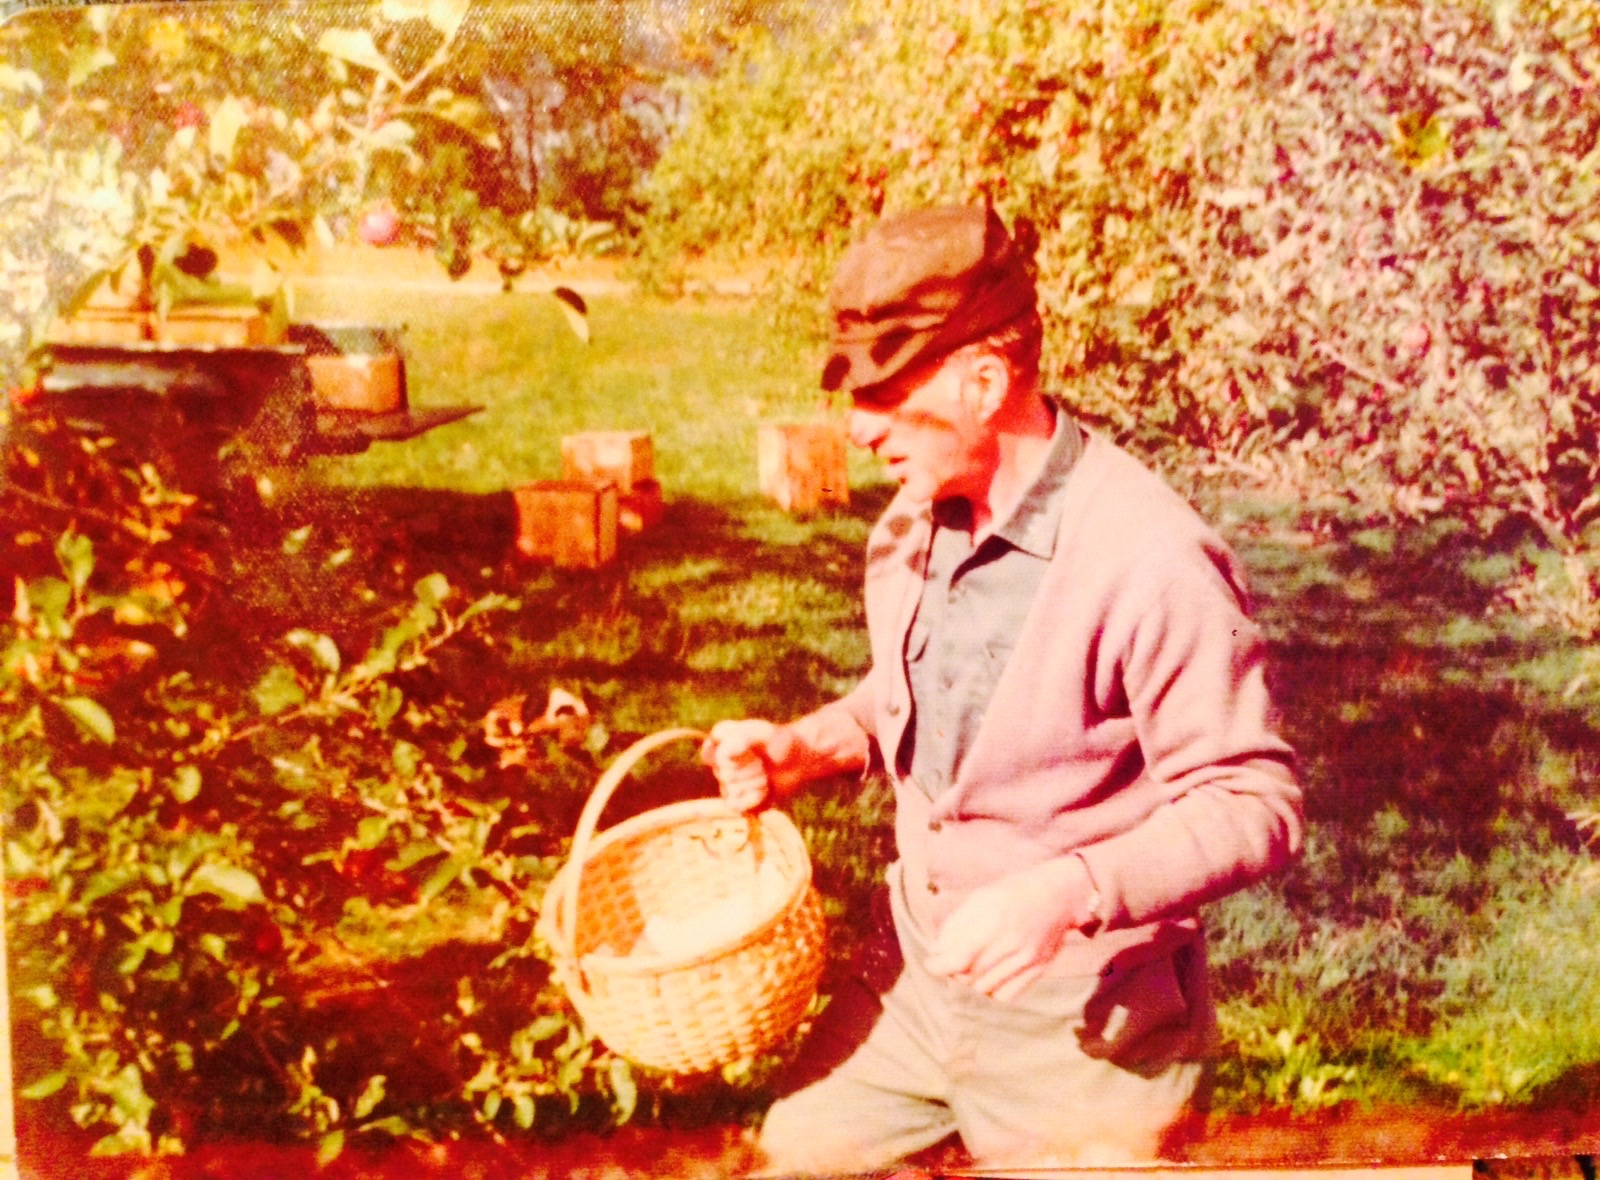 Yip picking apples